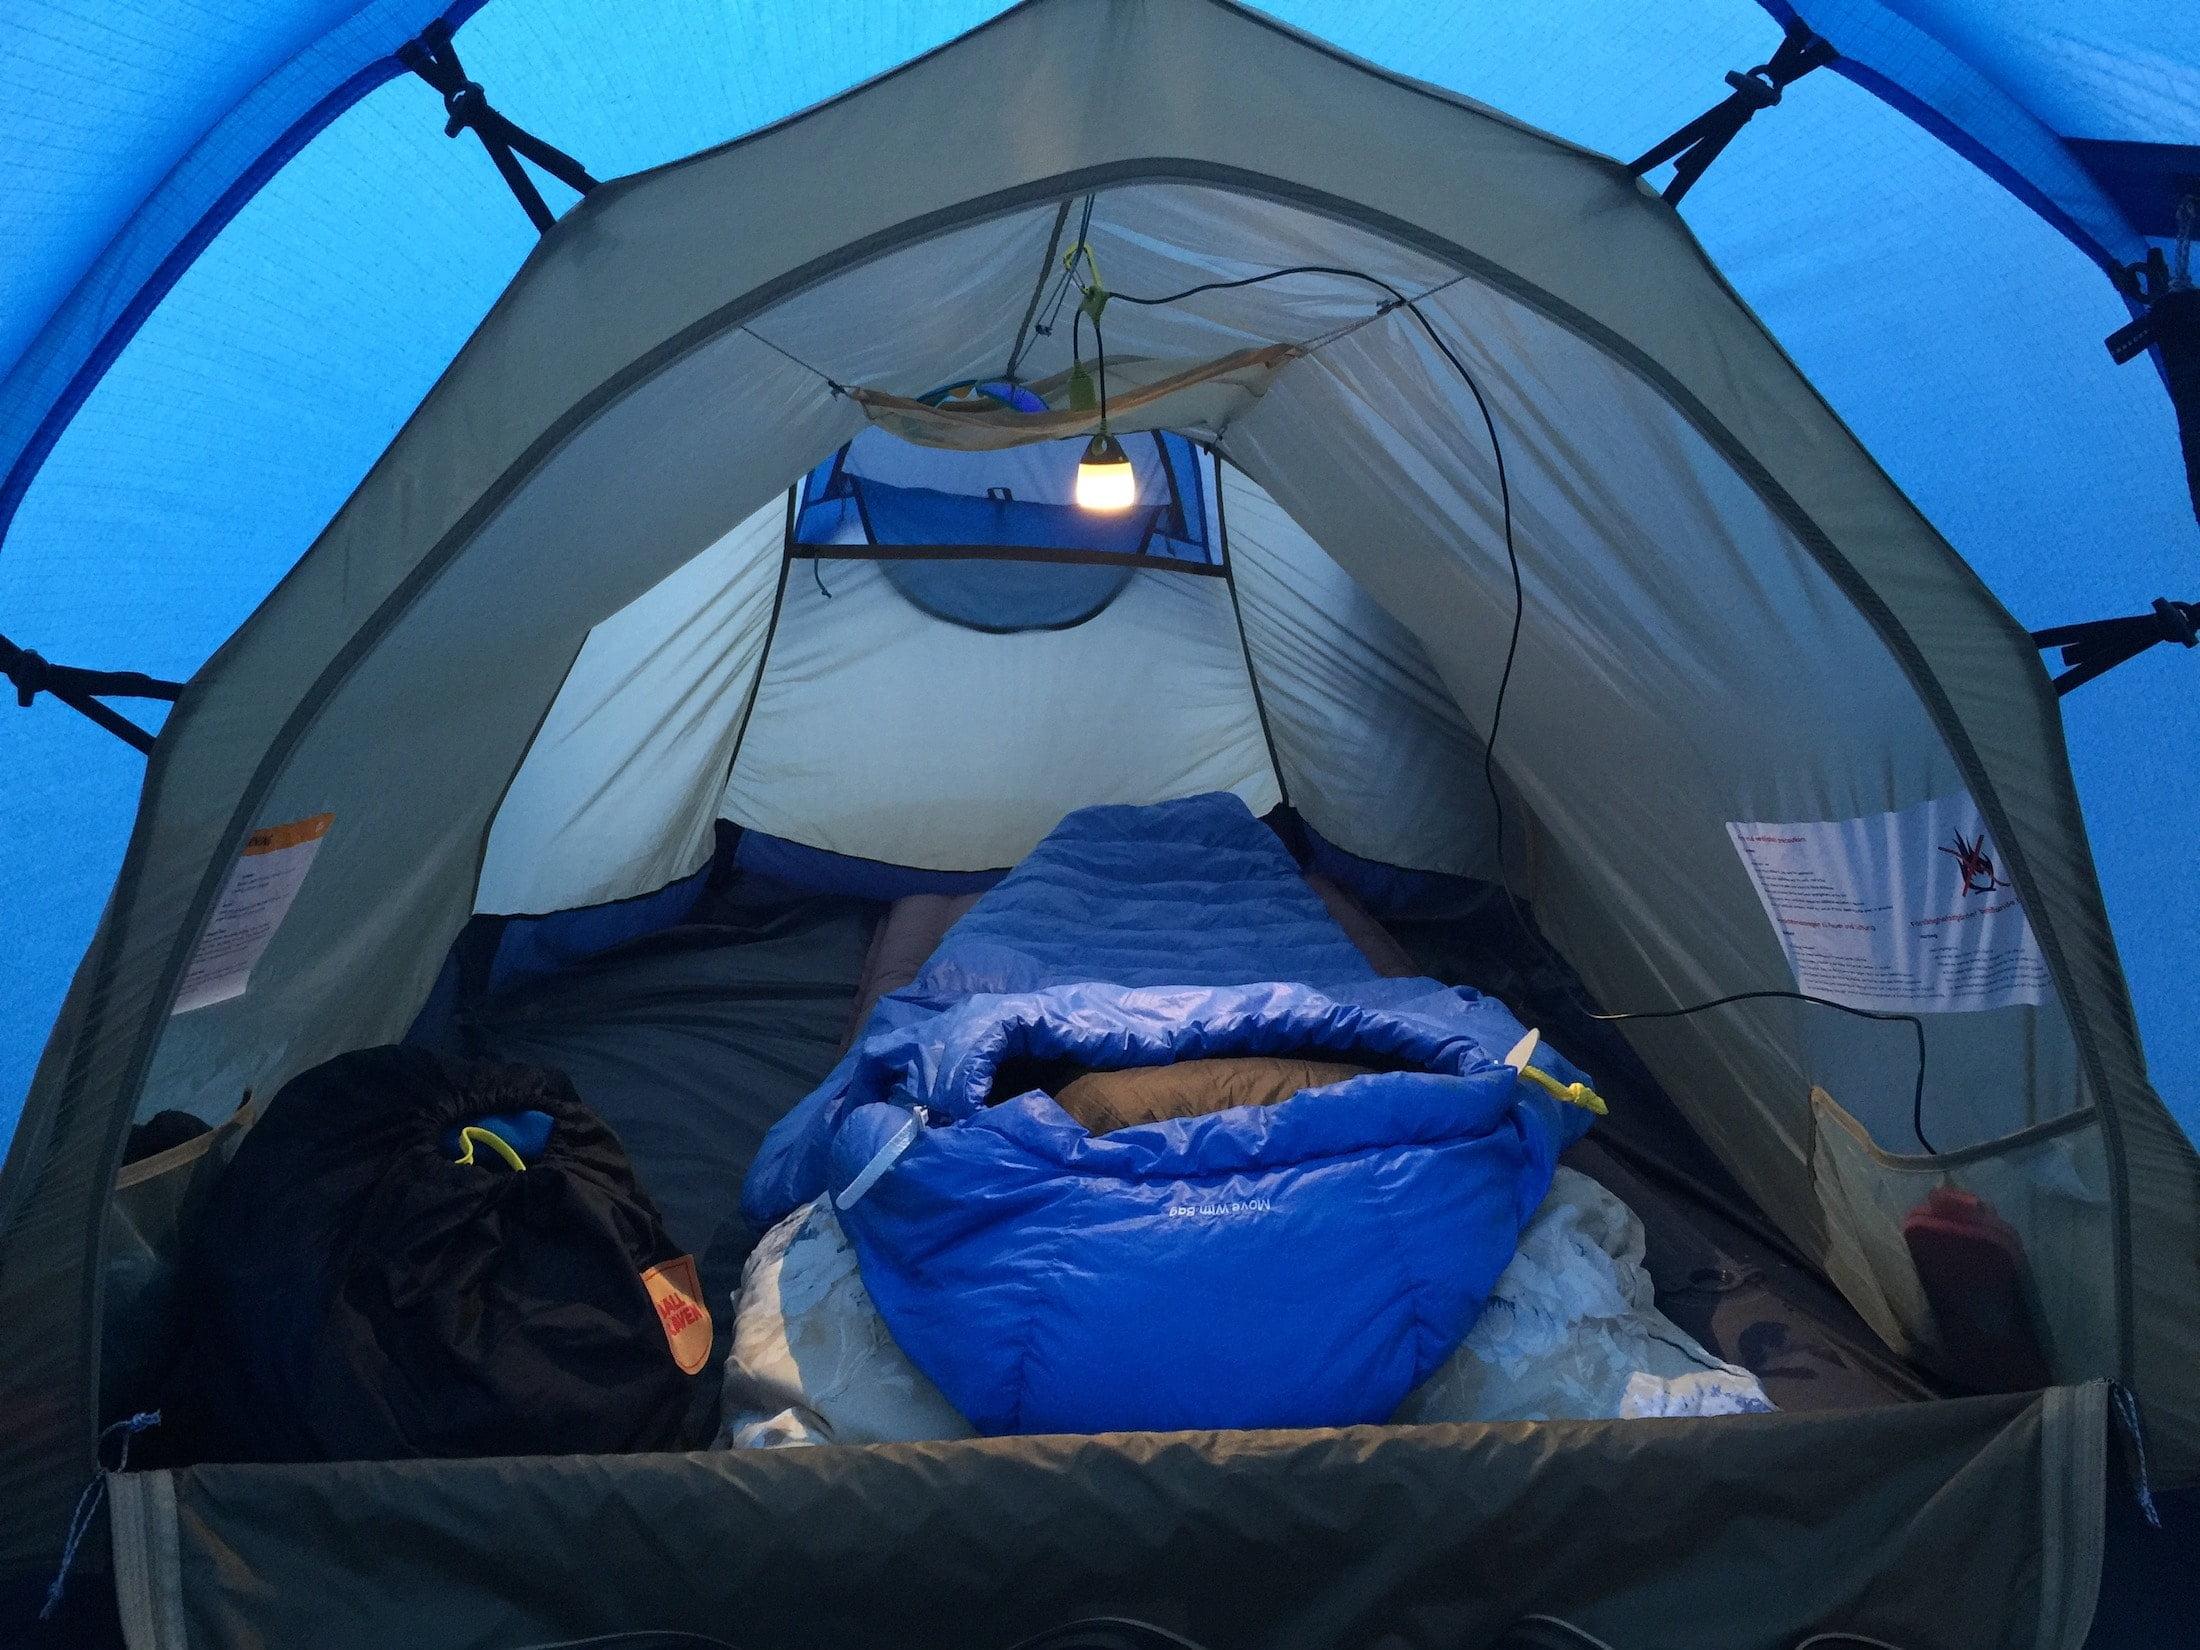 Fjellreven-telt-takhylle-SQOOP-outdoor-Foto-Trond-Nilsen-norgepakryssogtvers